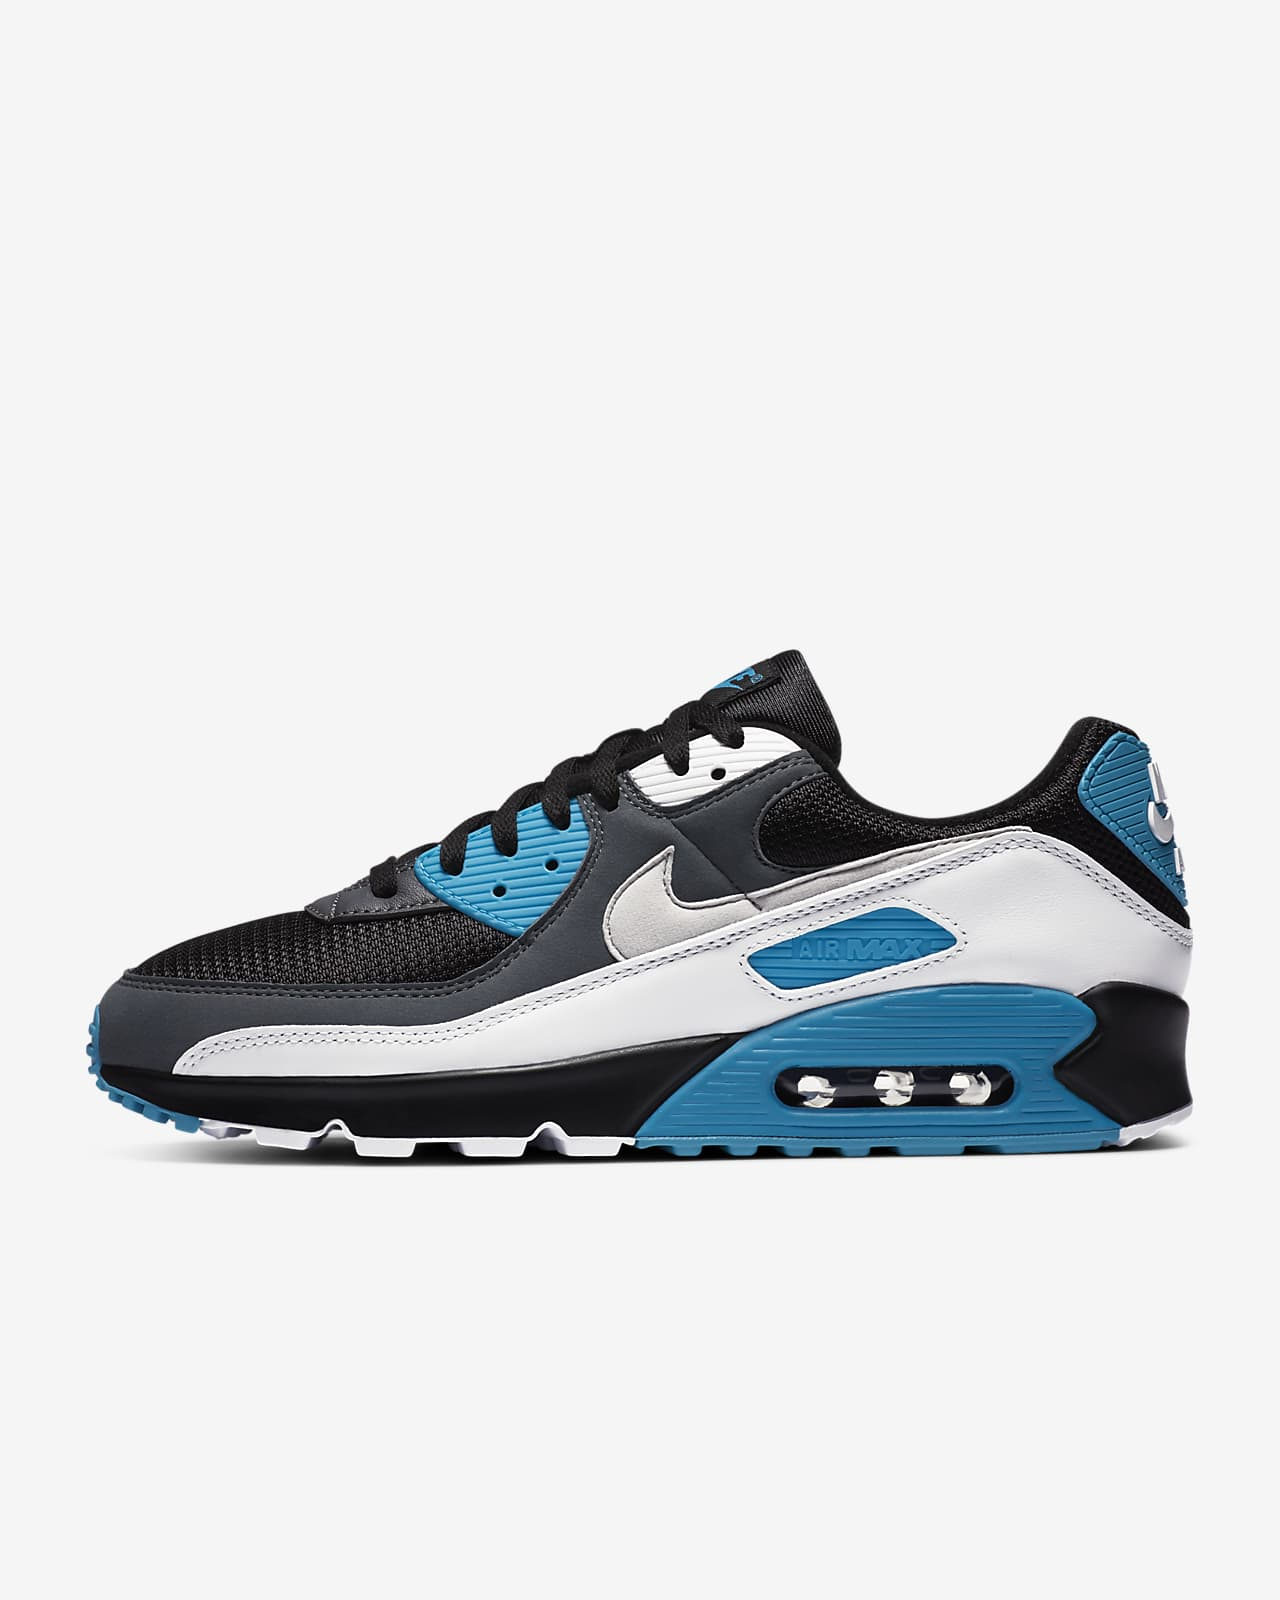 air max 90 blue grey white